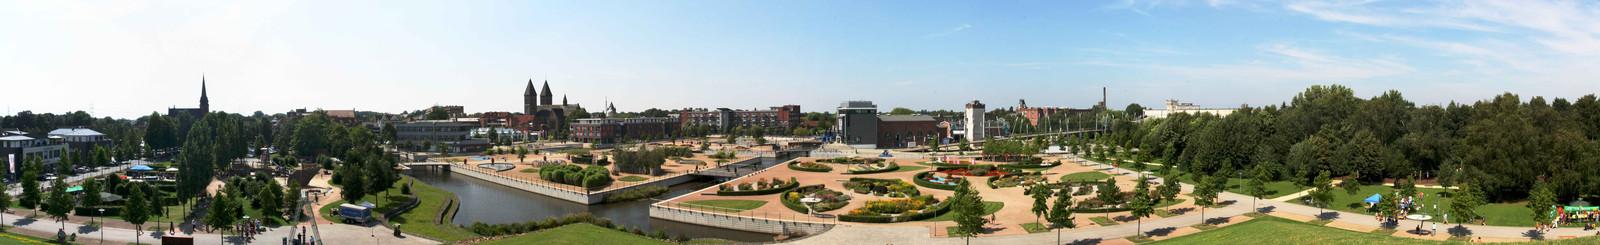 Zicht op het centrum van Gronau, met op de voorgrond het Lagapark met het Rock'n Popmuseum.